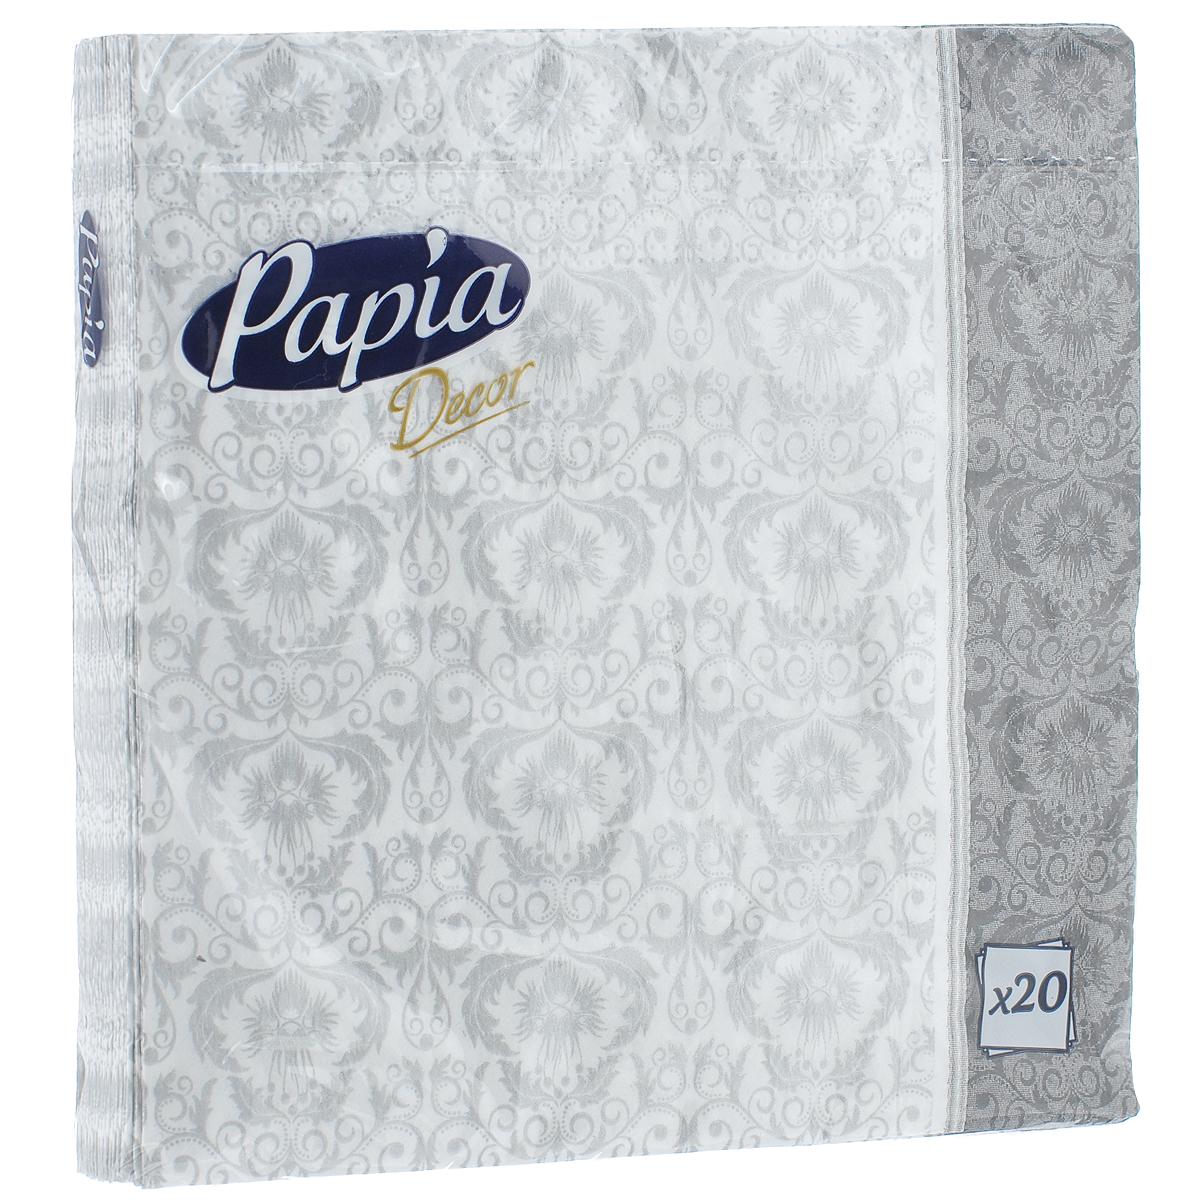 Салфетки бумажные Papia Decor, трехслойные, в ассортименте, 33 x 33 см, 20 шт салфетки pol mak детский мотив трехслойные 33 х 33 см 20 шт